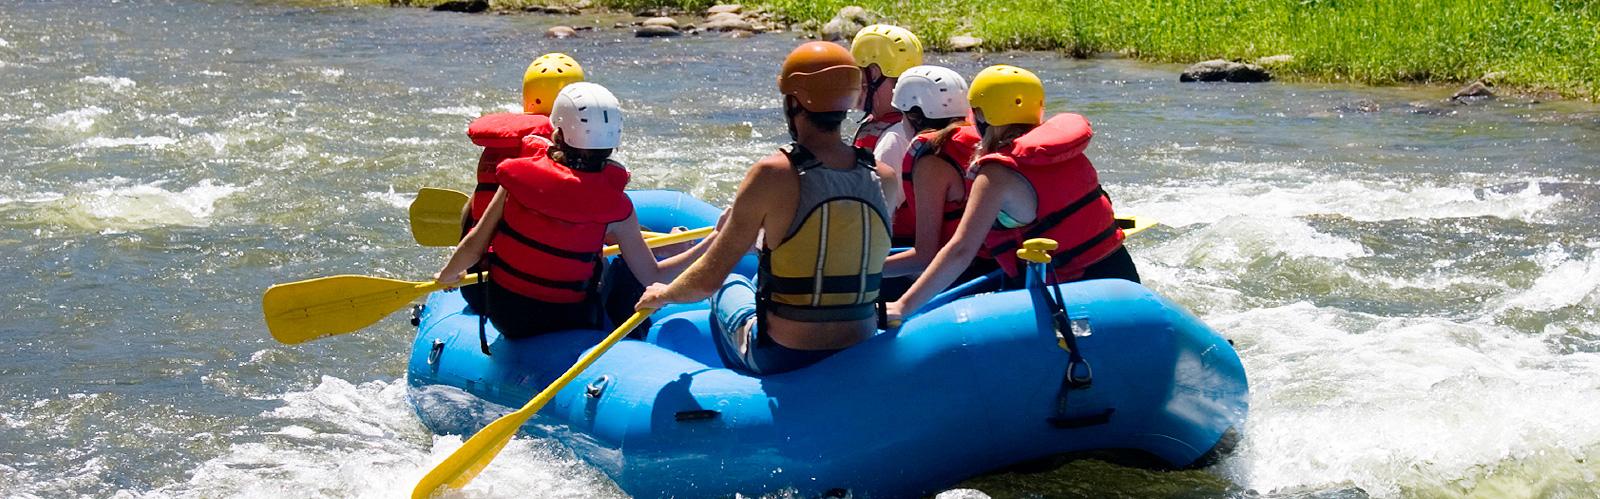 slider-rafting-für-schulklassen